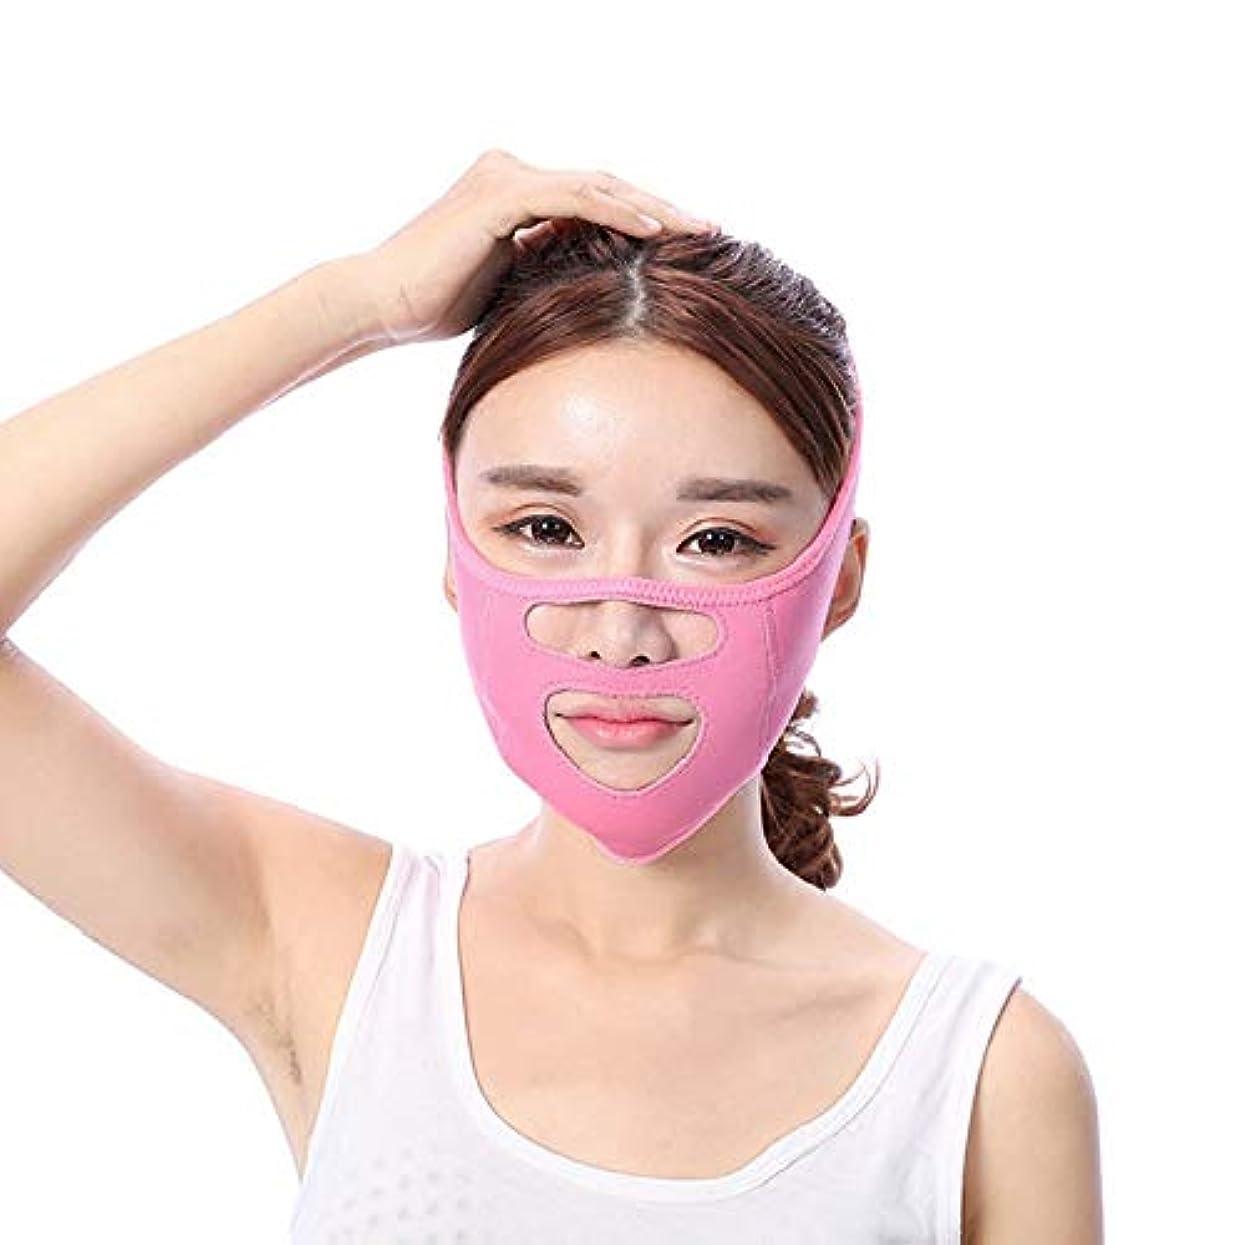 するだろう悪化する閃光Jia Jia- 顔の持ち上がる痩身ベルト - あなたの顔のための素晴らしいトレーニング二重あごのワークアウトフェイスマスクベルト薄い顔包帯整形マスクは顔と首を締めますフェイススリム 顔面包帯